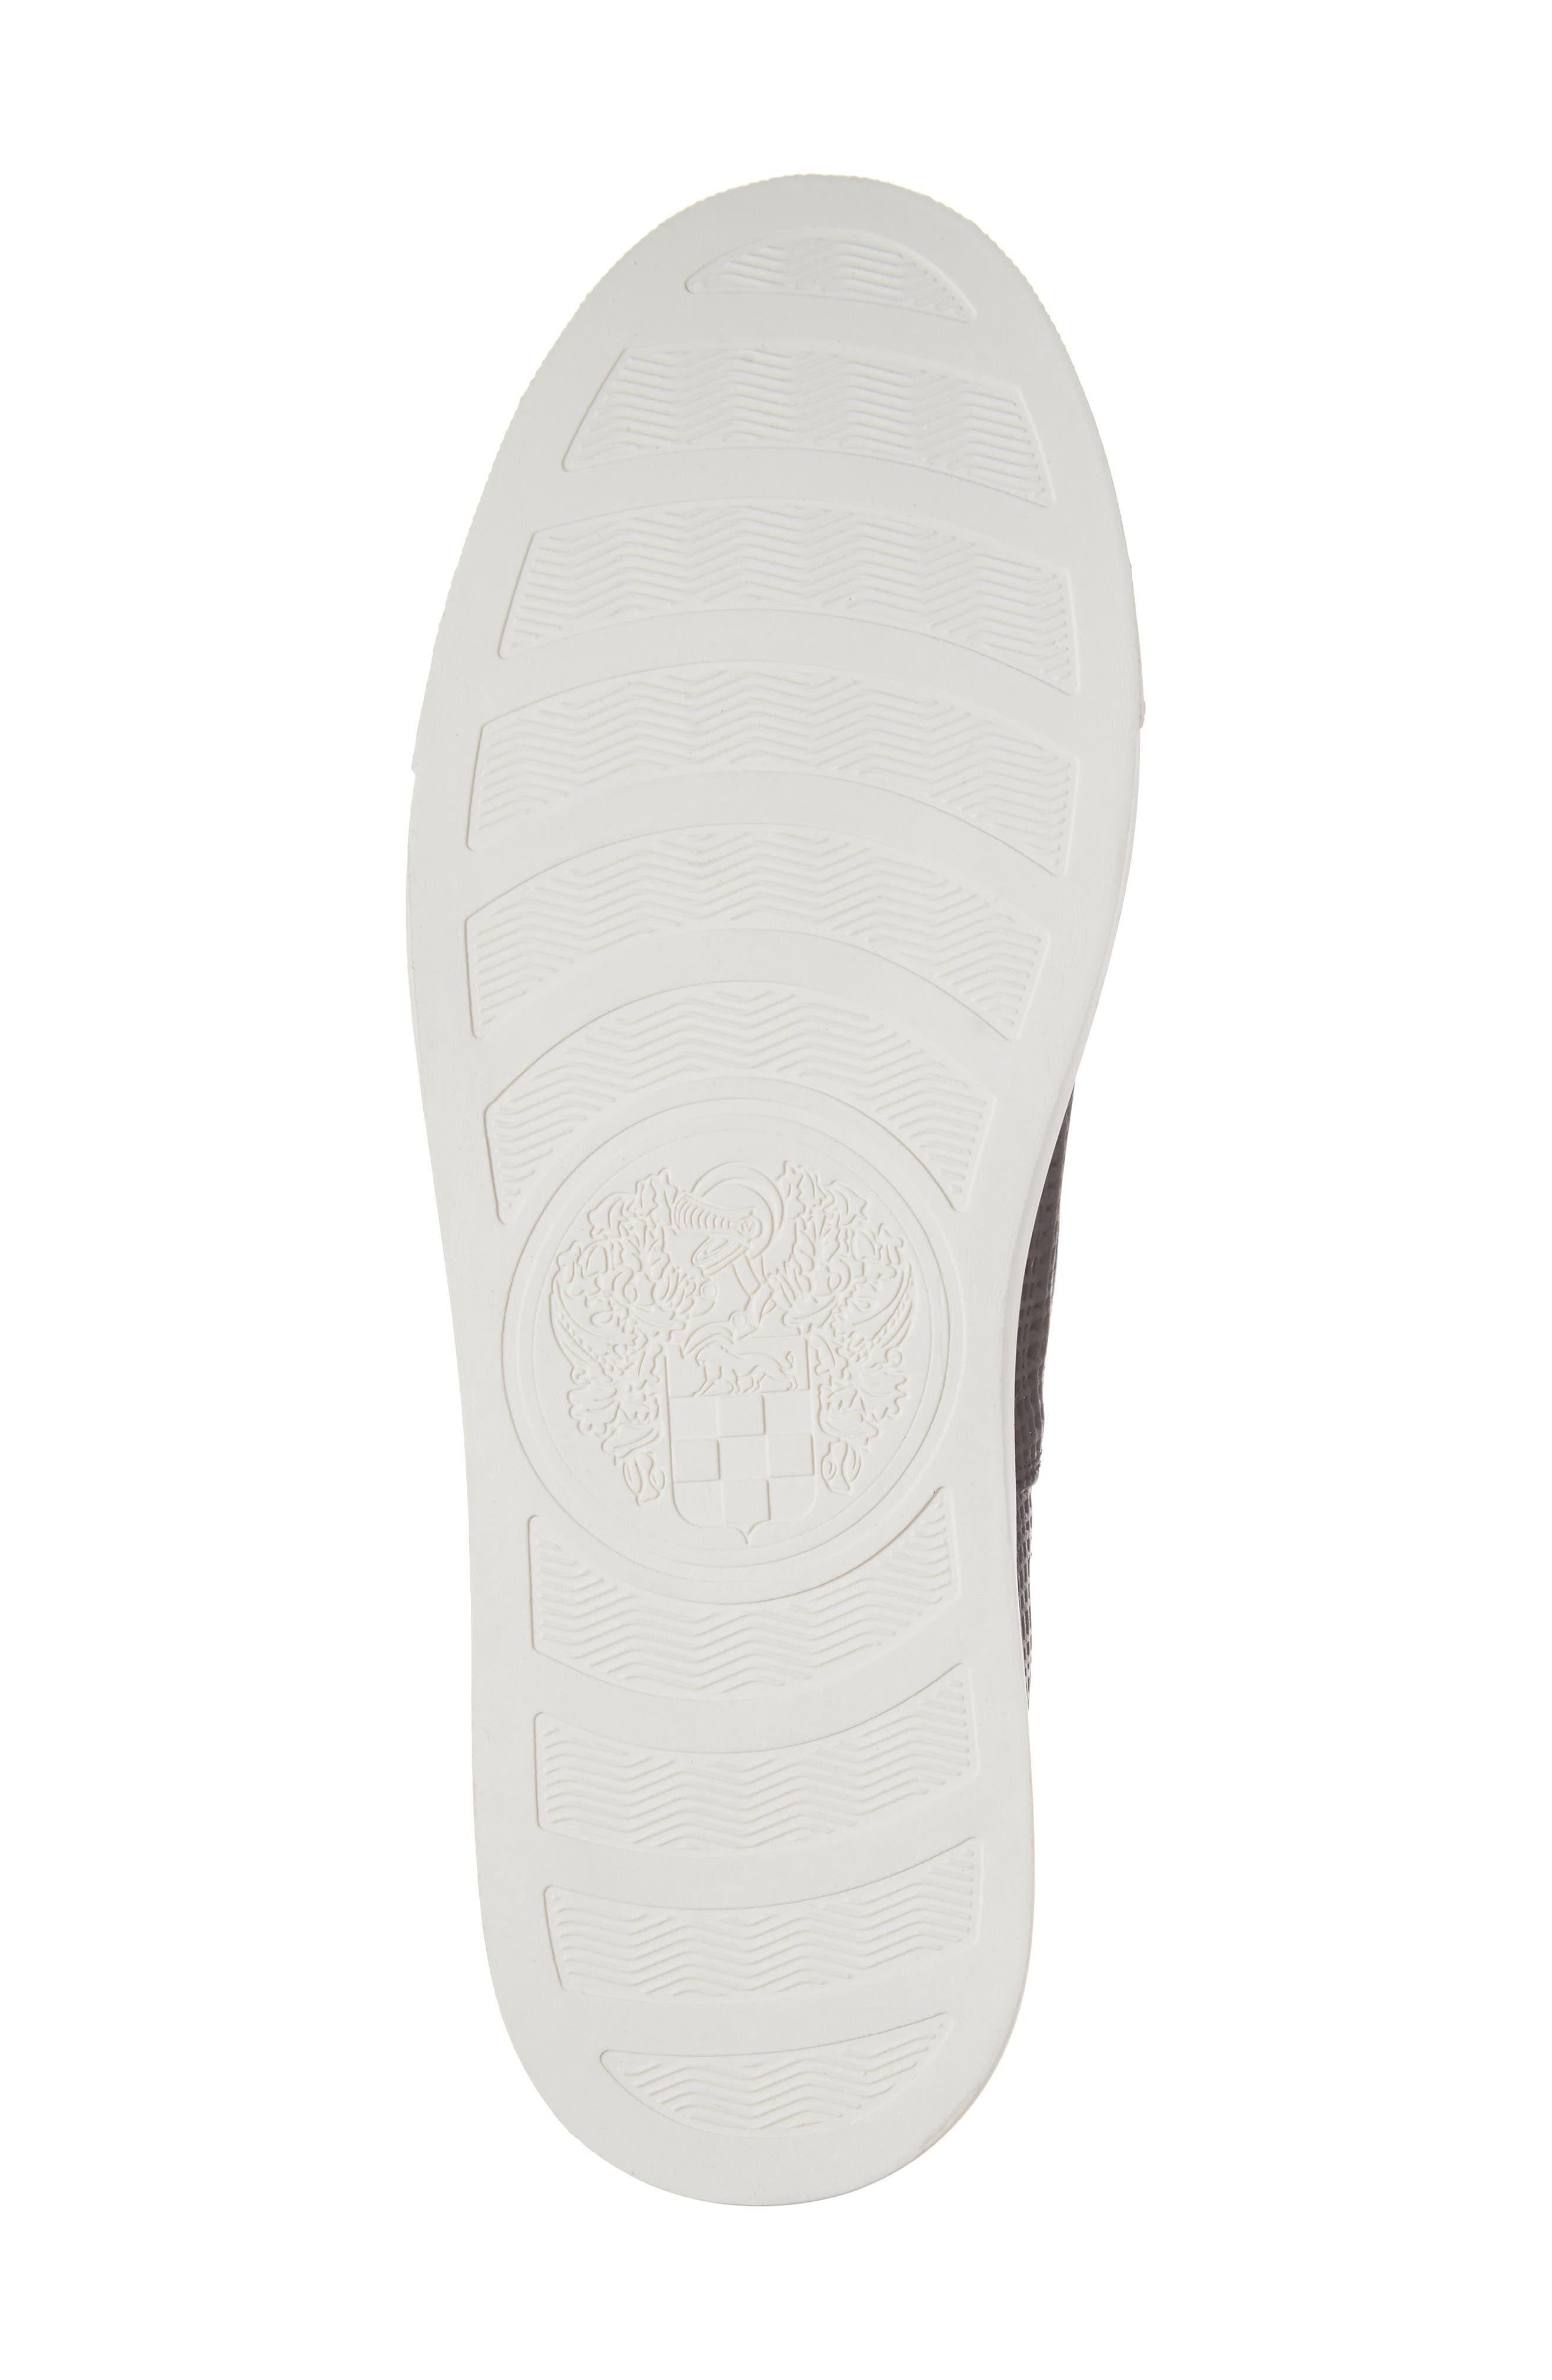 Becker Perforated Slip-On Sneaker,                             Alternate thumbnail 6, color,                             001